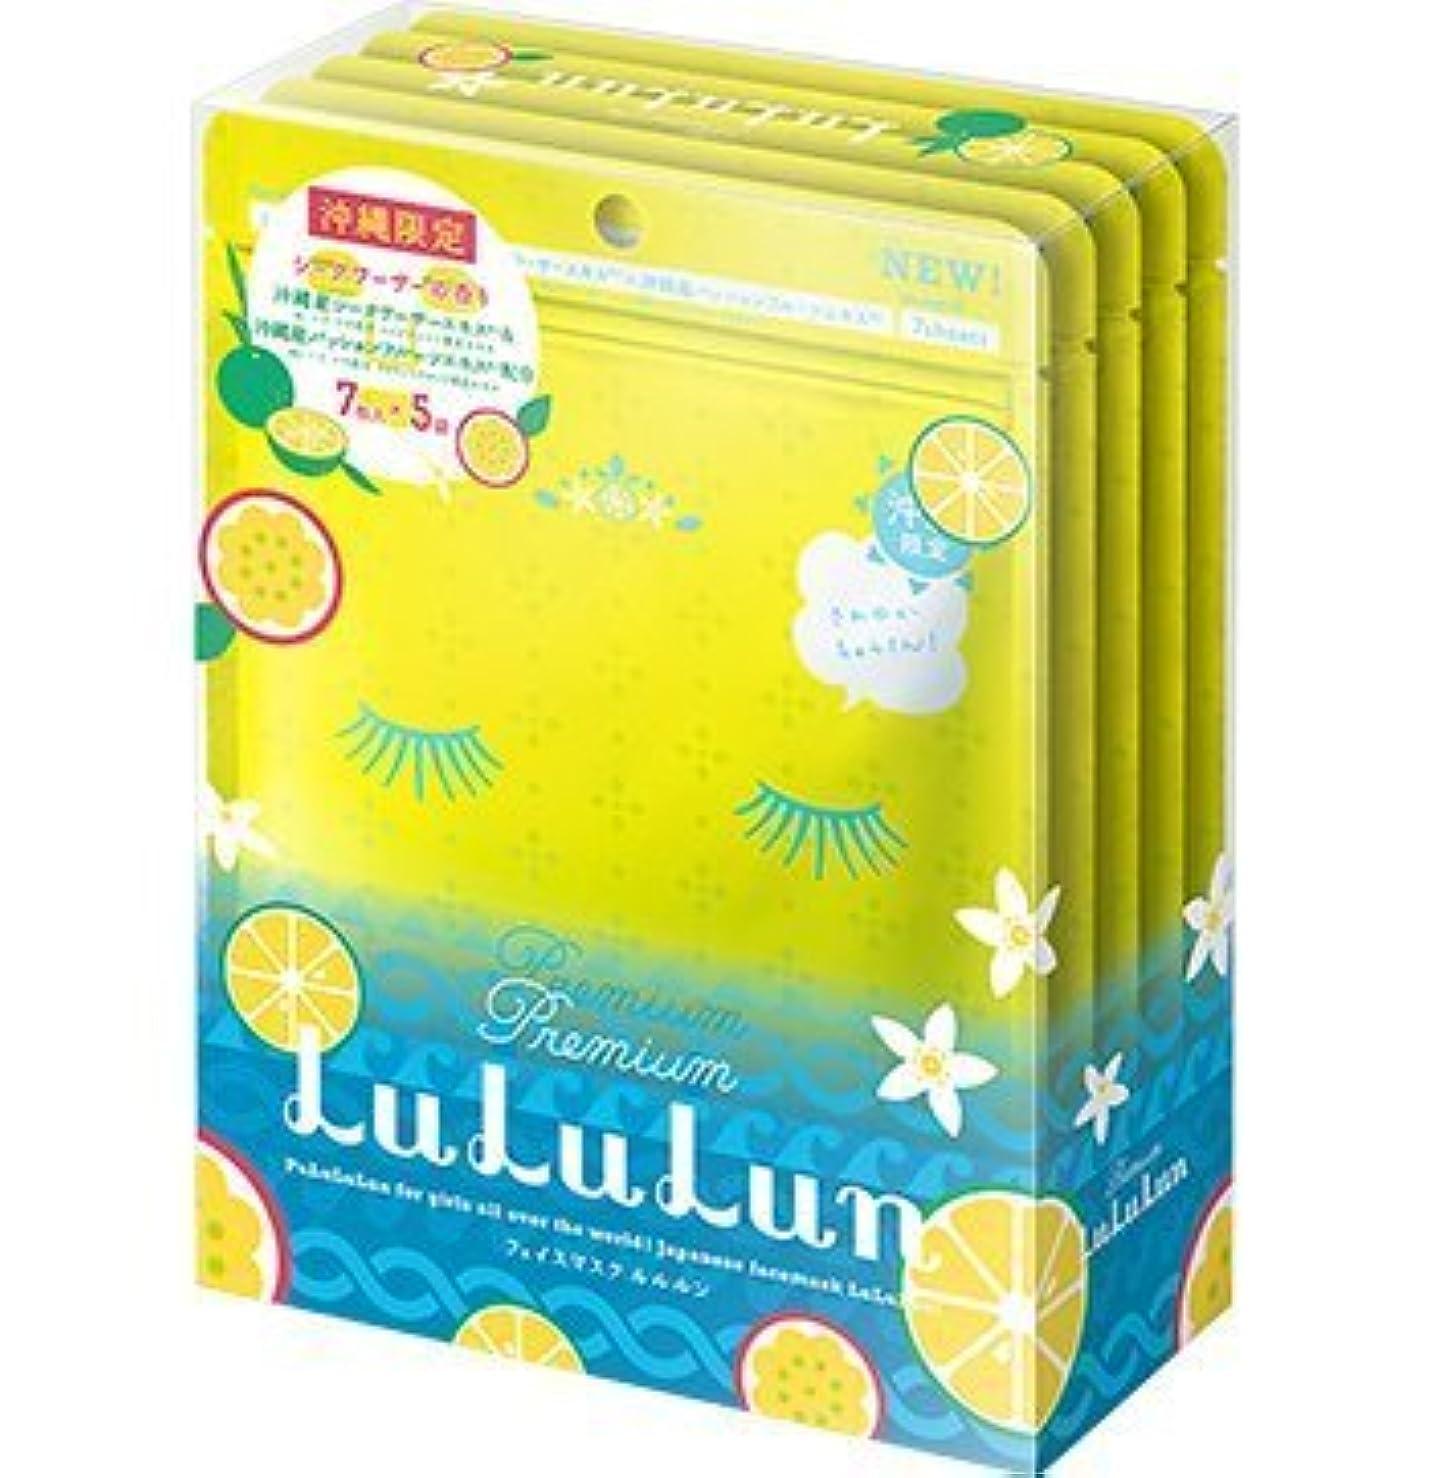 指通常植物学沖縄限定 沖縄プレミアム ルルルン LuLuLun フェイスマスク シークワーサーの香り 7枚入り×5袋